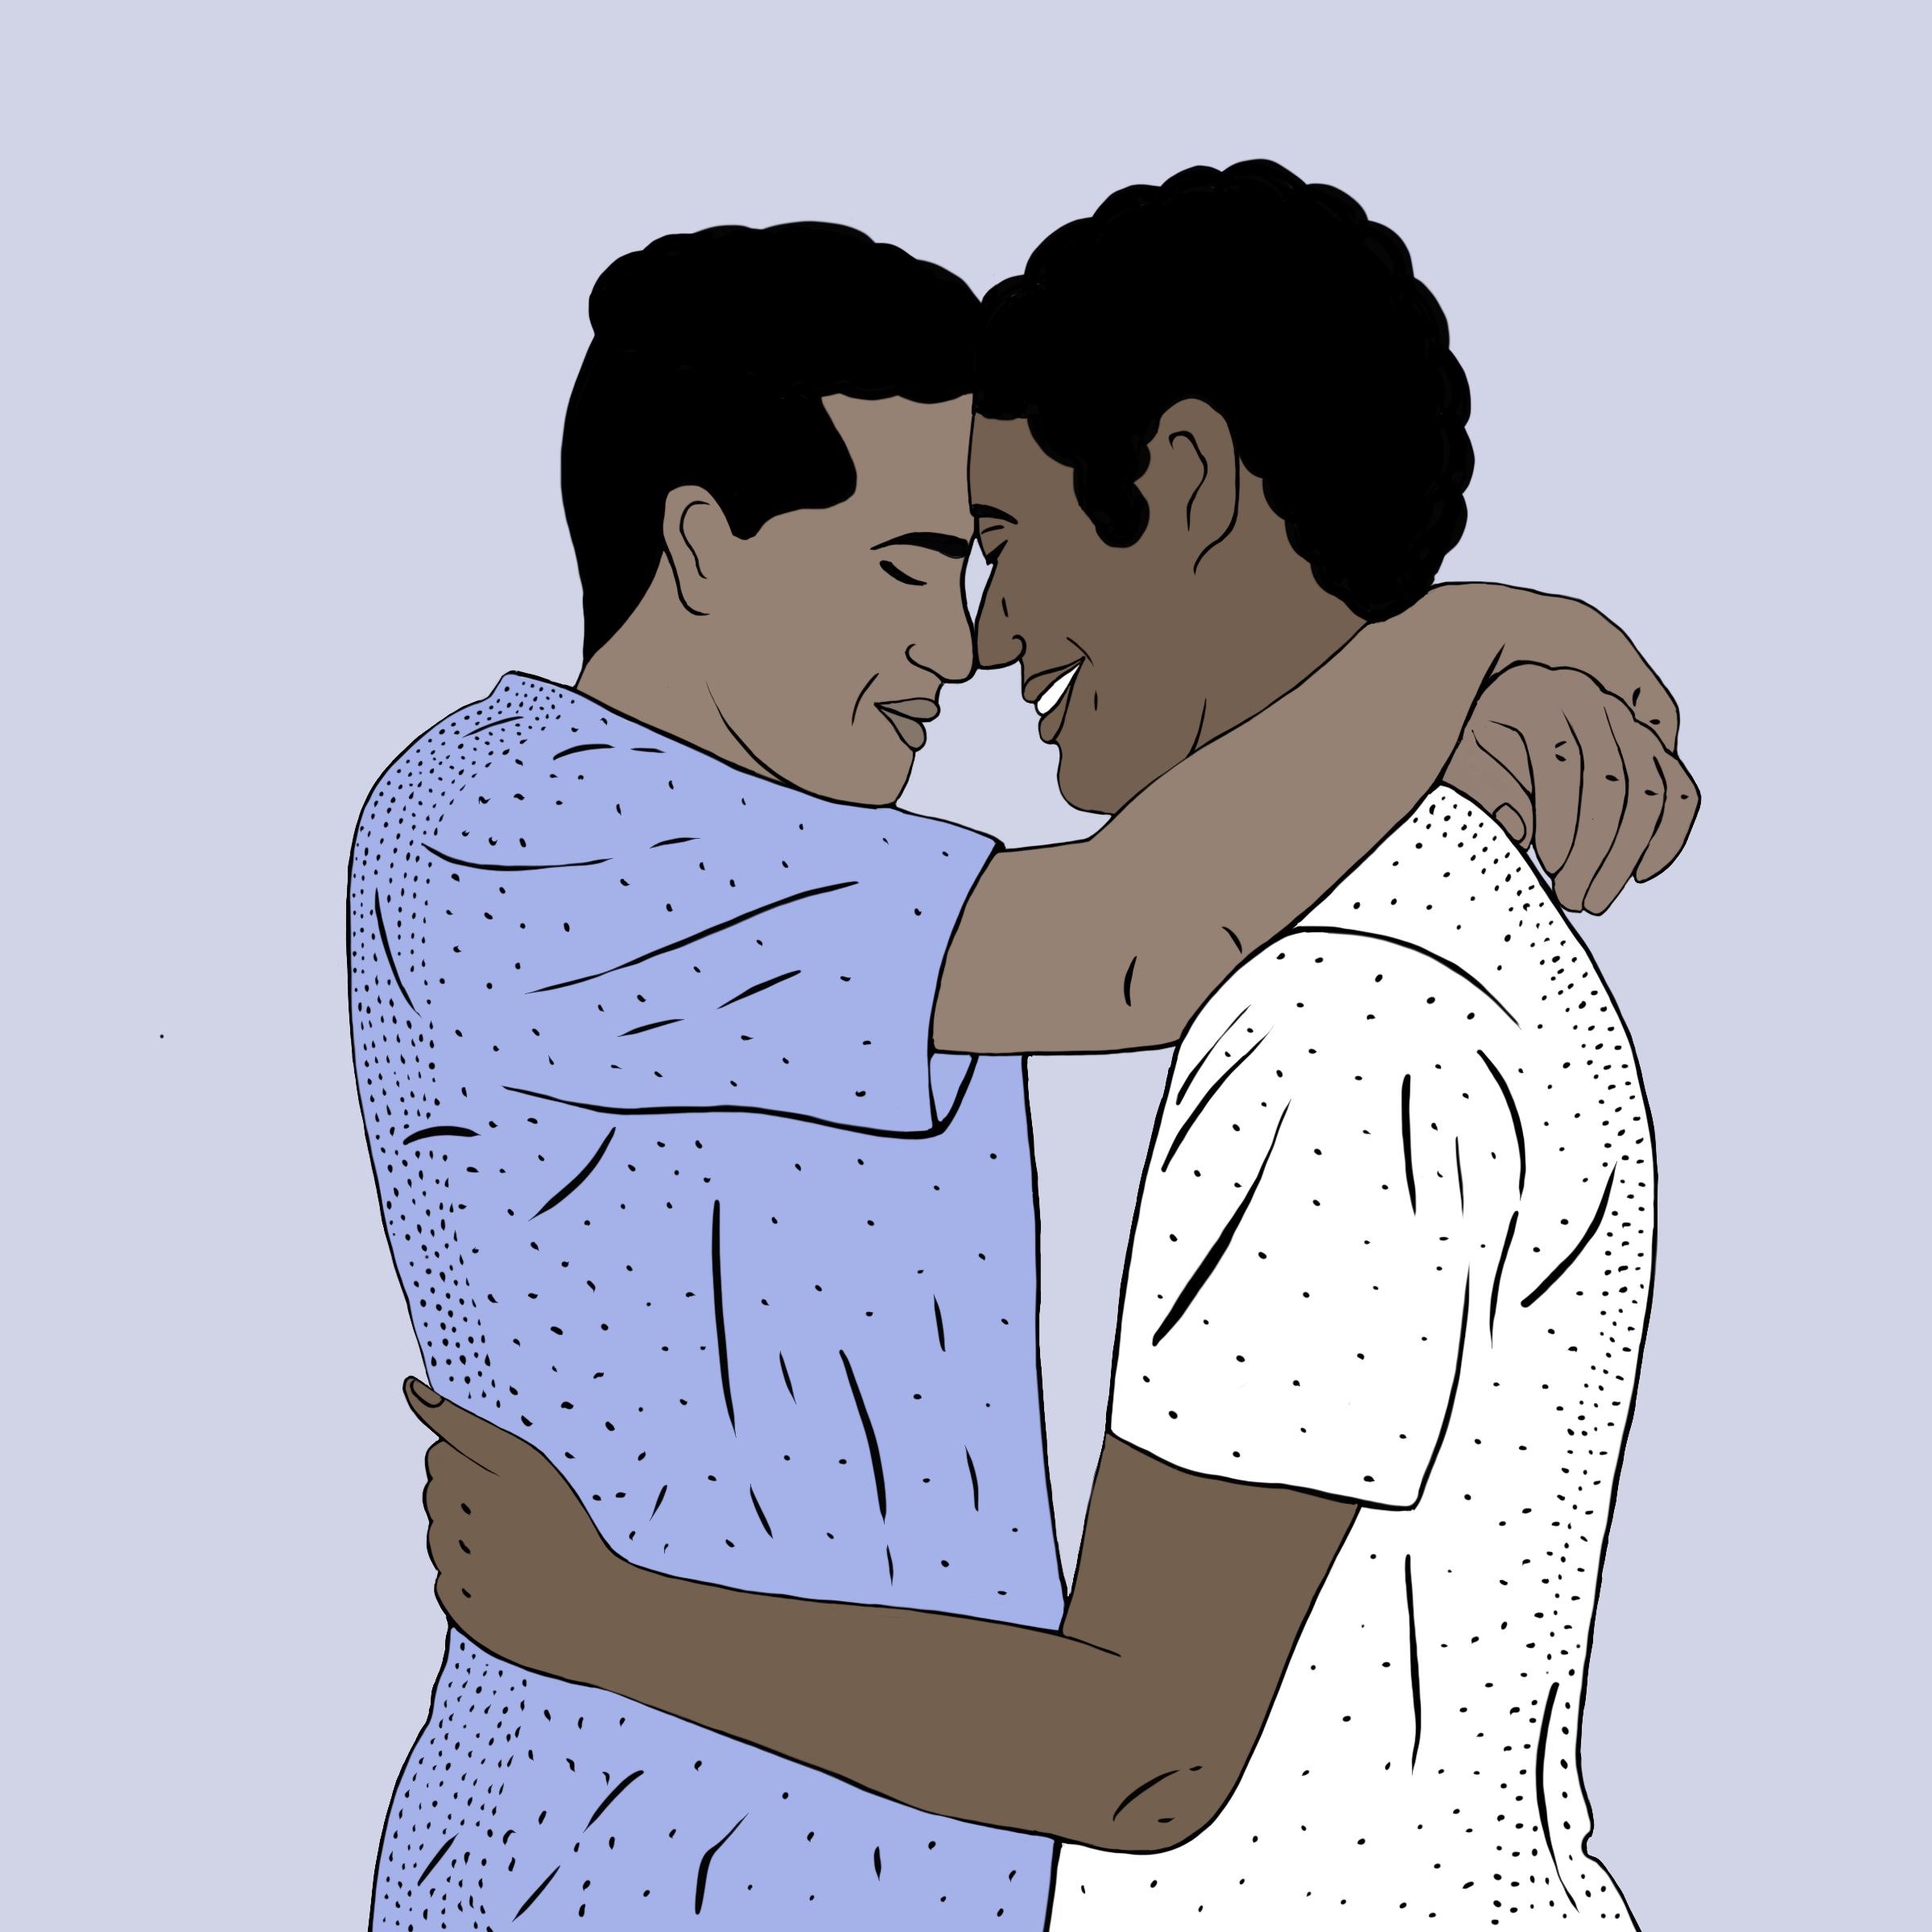 Dos hombres abrazándose.